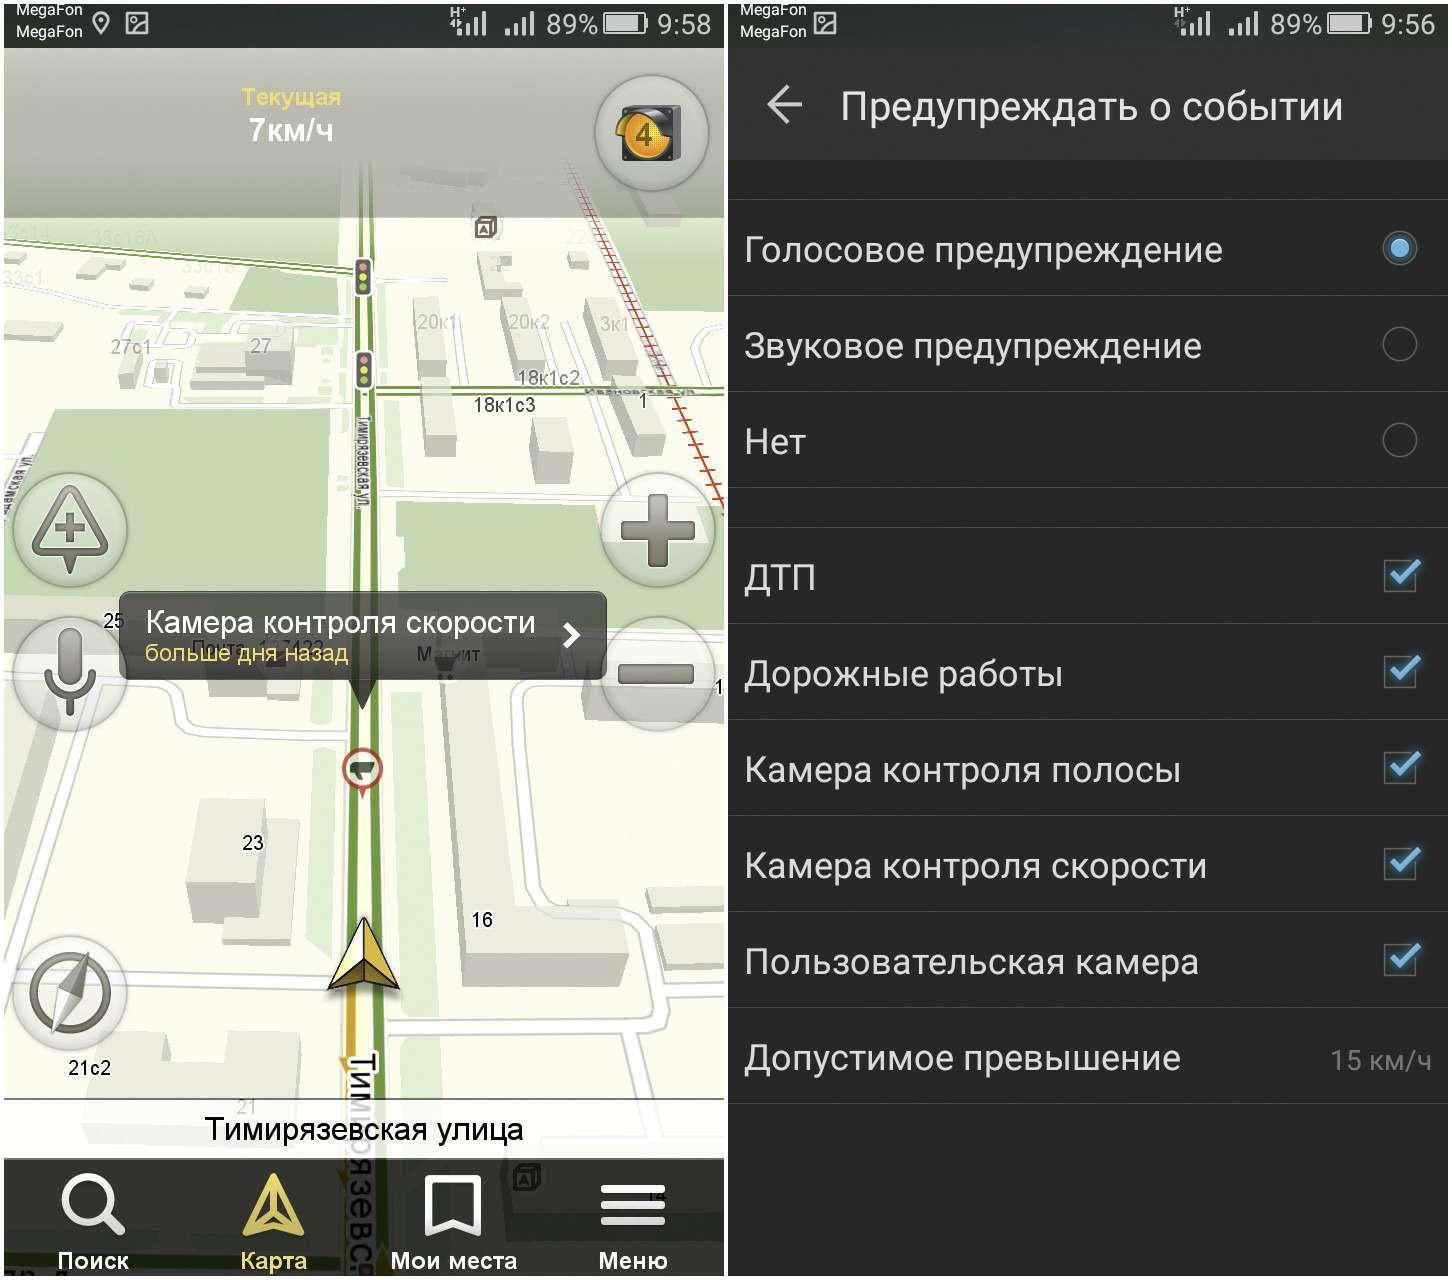 Смартфон вместо радар-детектора: тестируем мобильные приложения— фото 620583